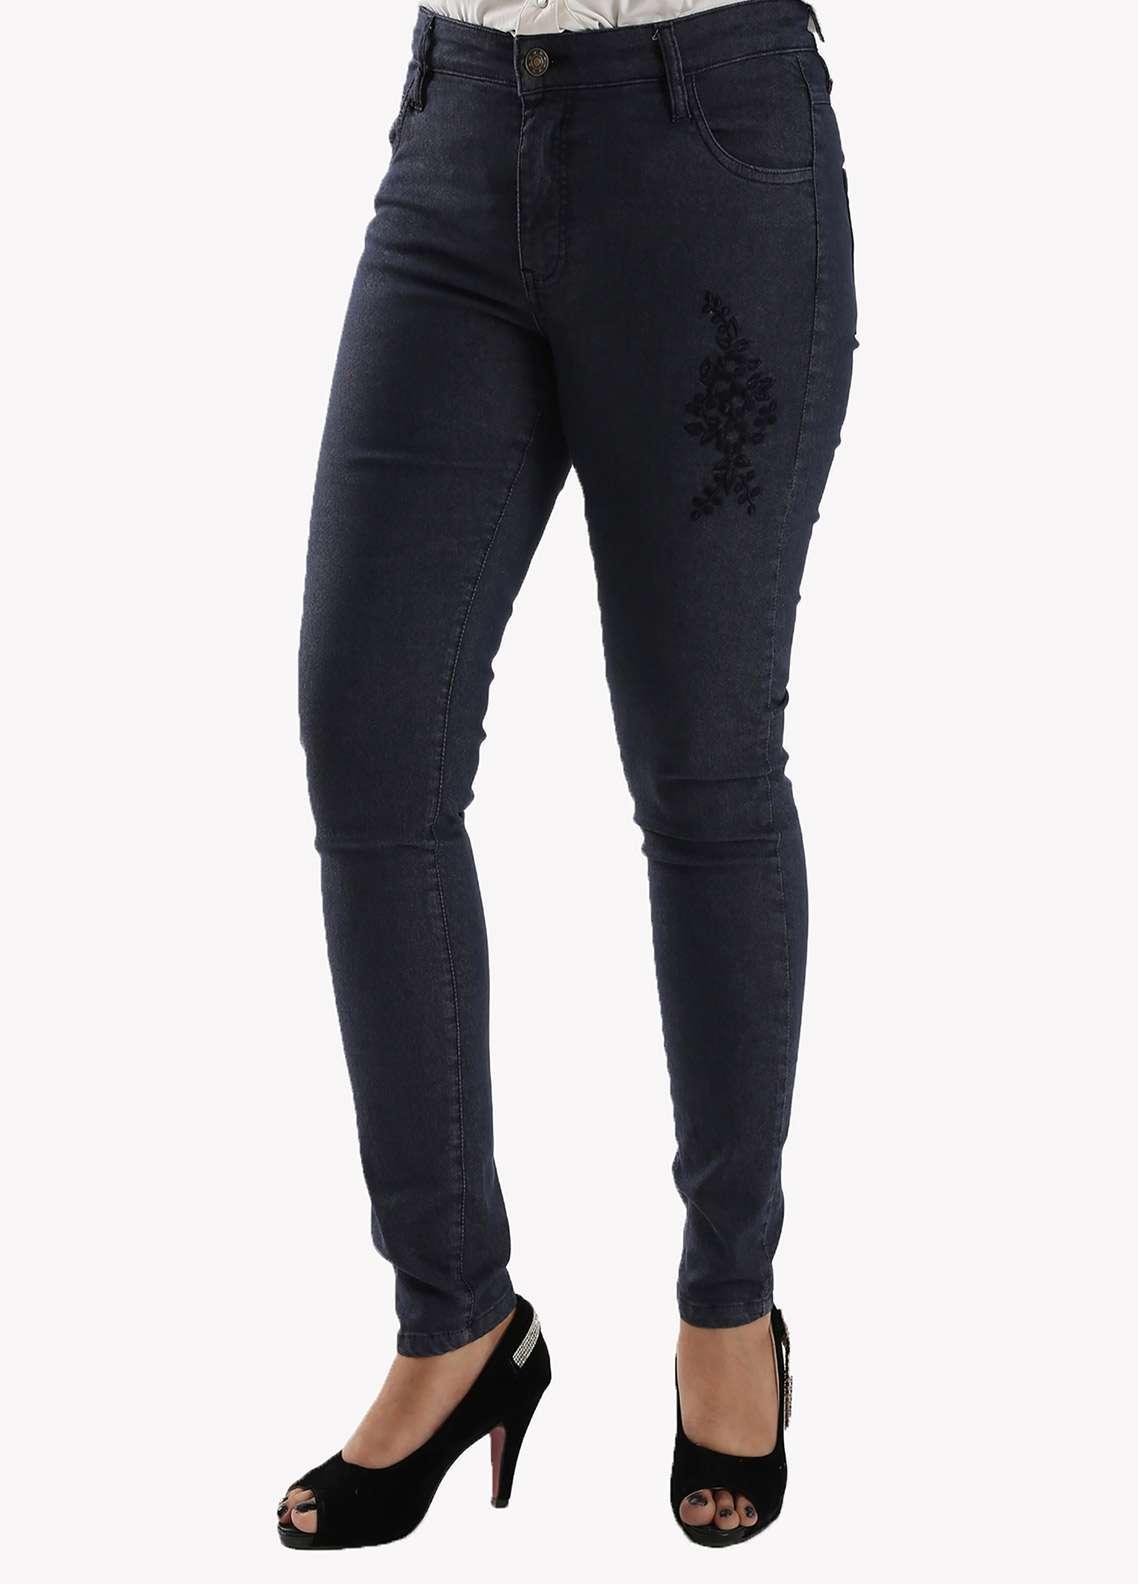 Bien Habille Ladies Jeans Skinny Fit Navy Blue